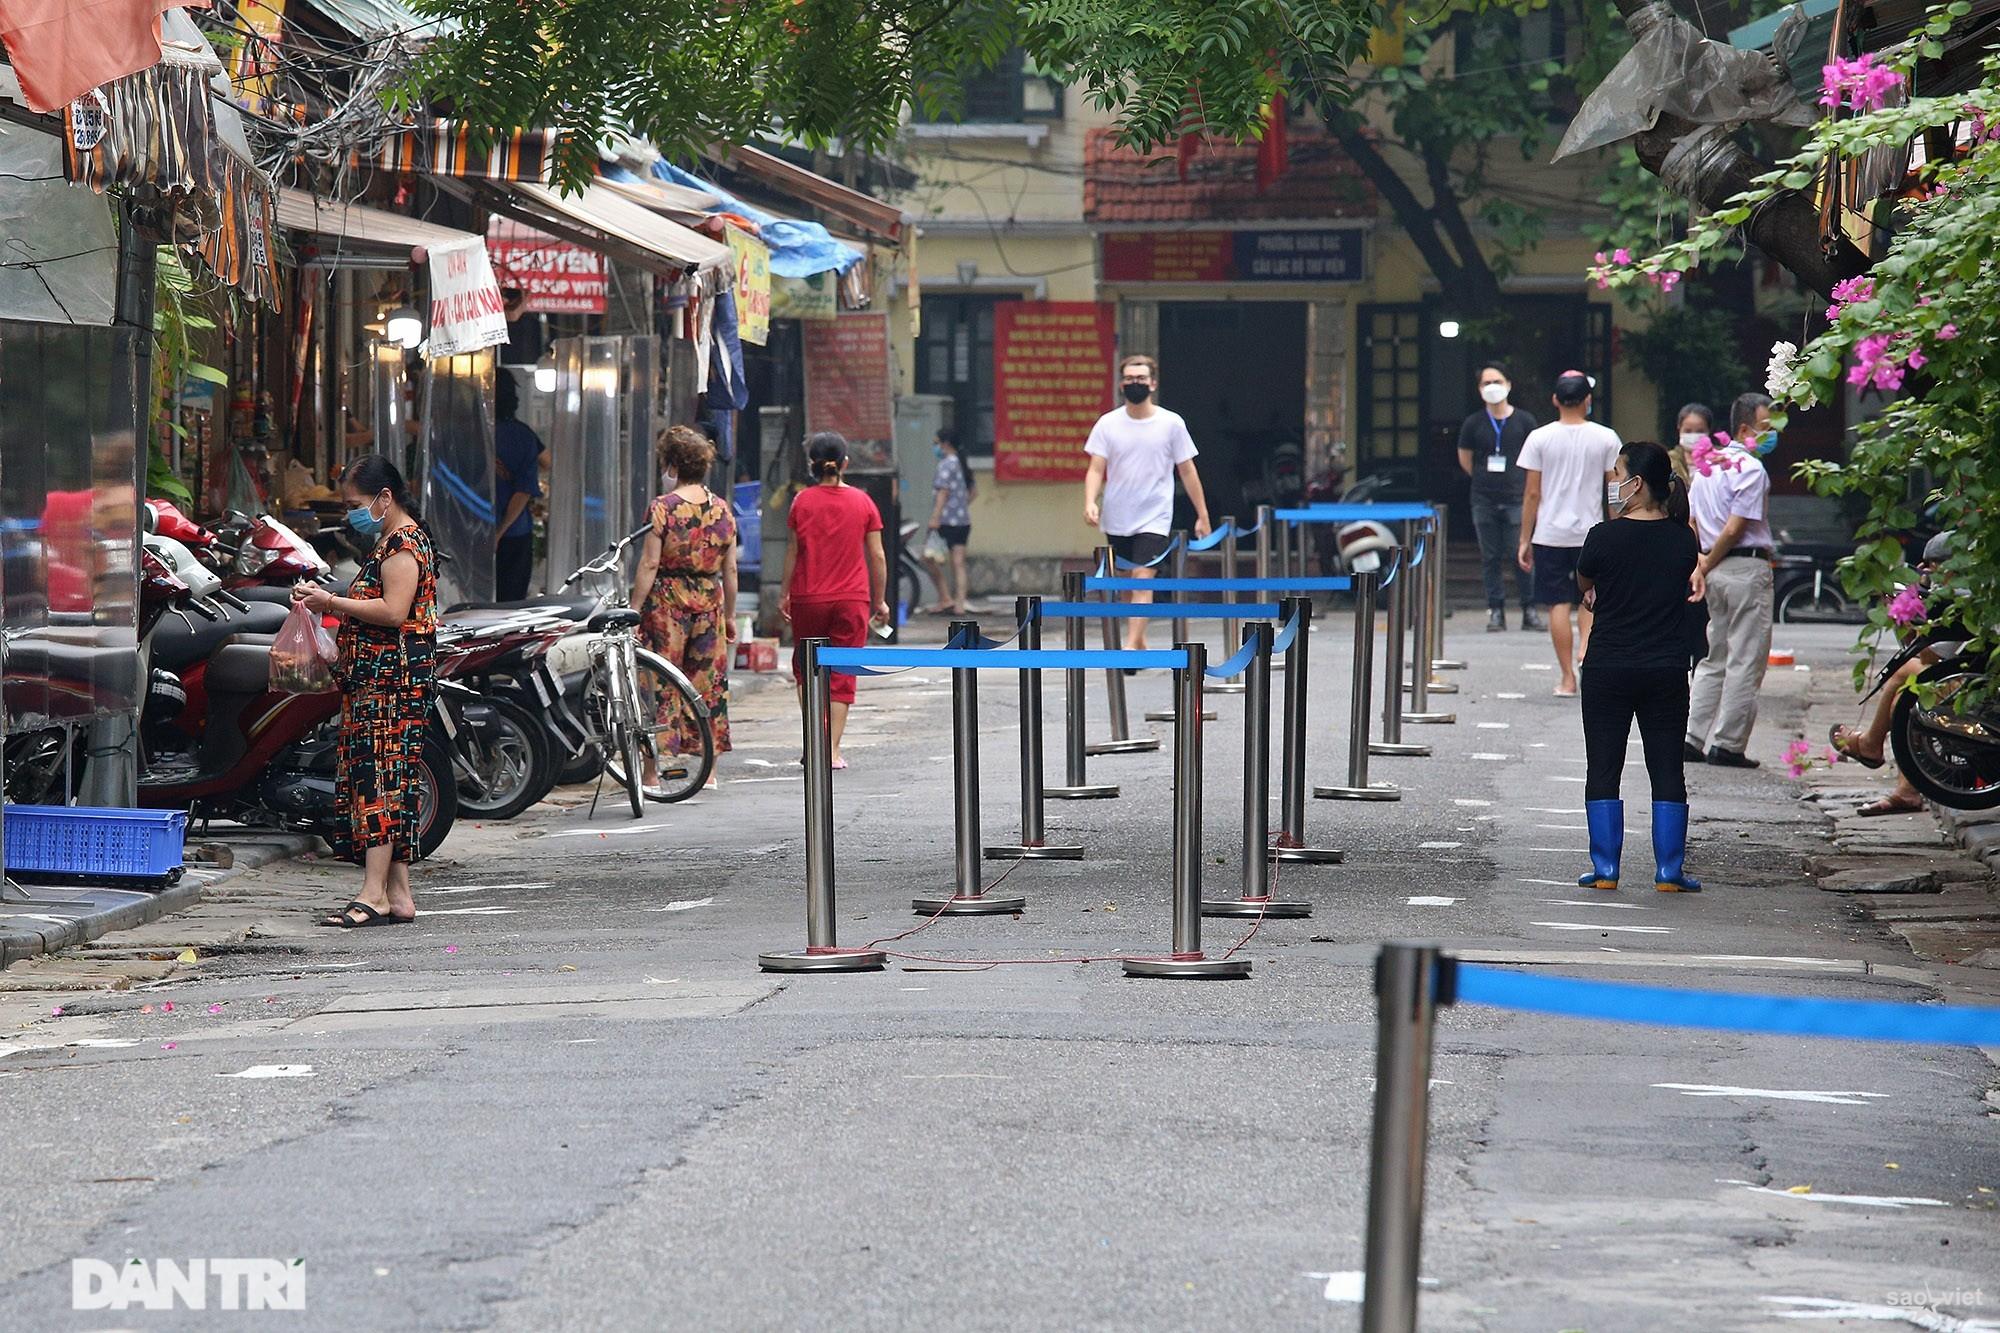 Mới lạ cảnh mua bán bằng ám hiệu ngón tay ở chợ nhà giàu phố cổ Hà Nội - 15